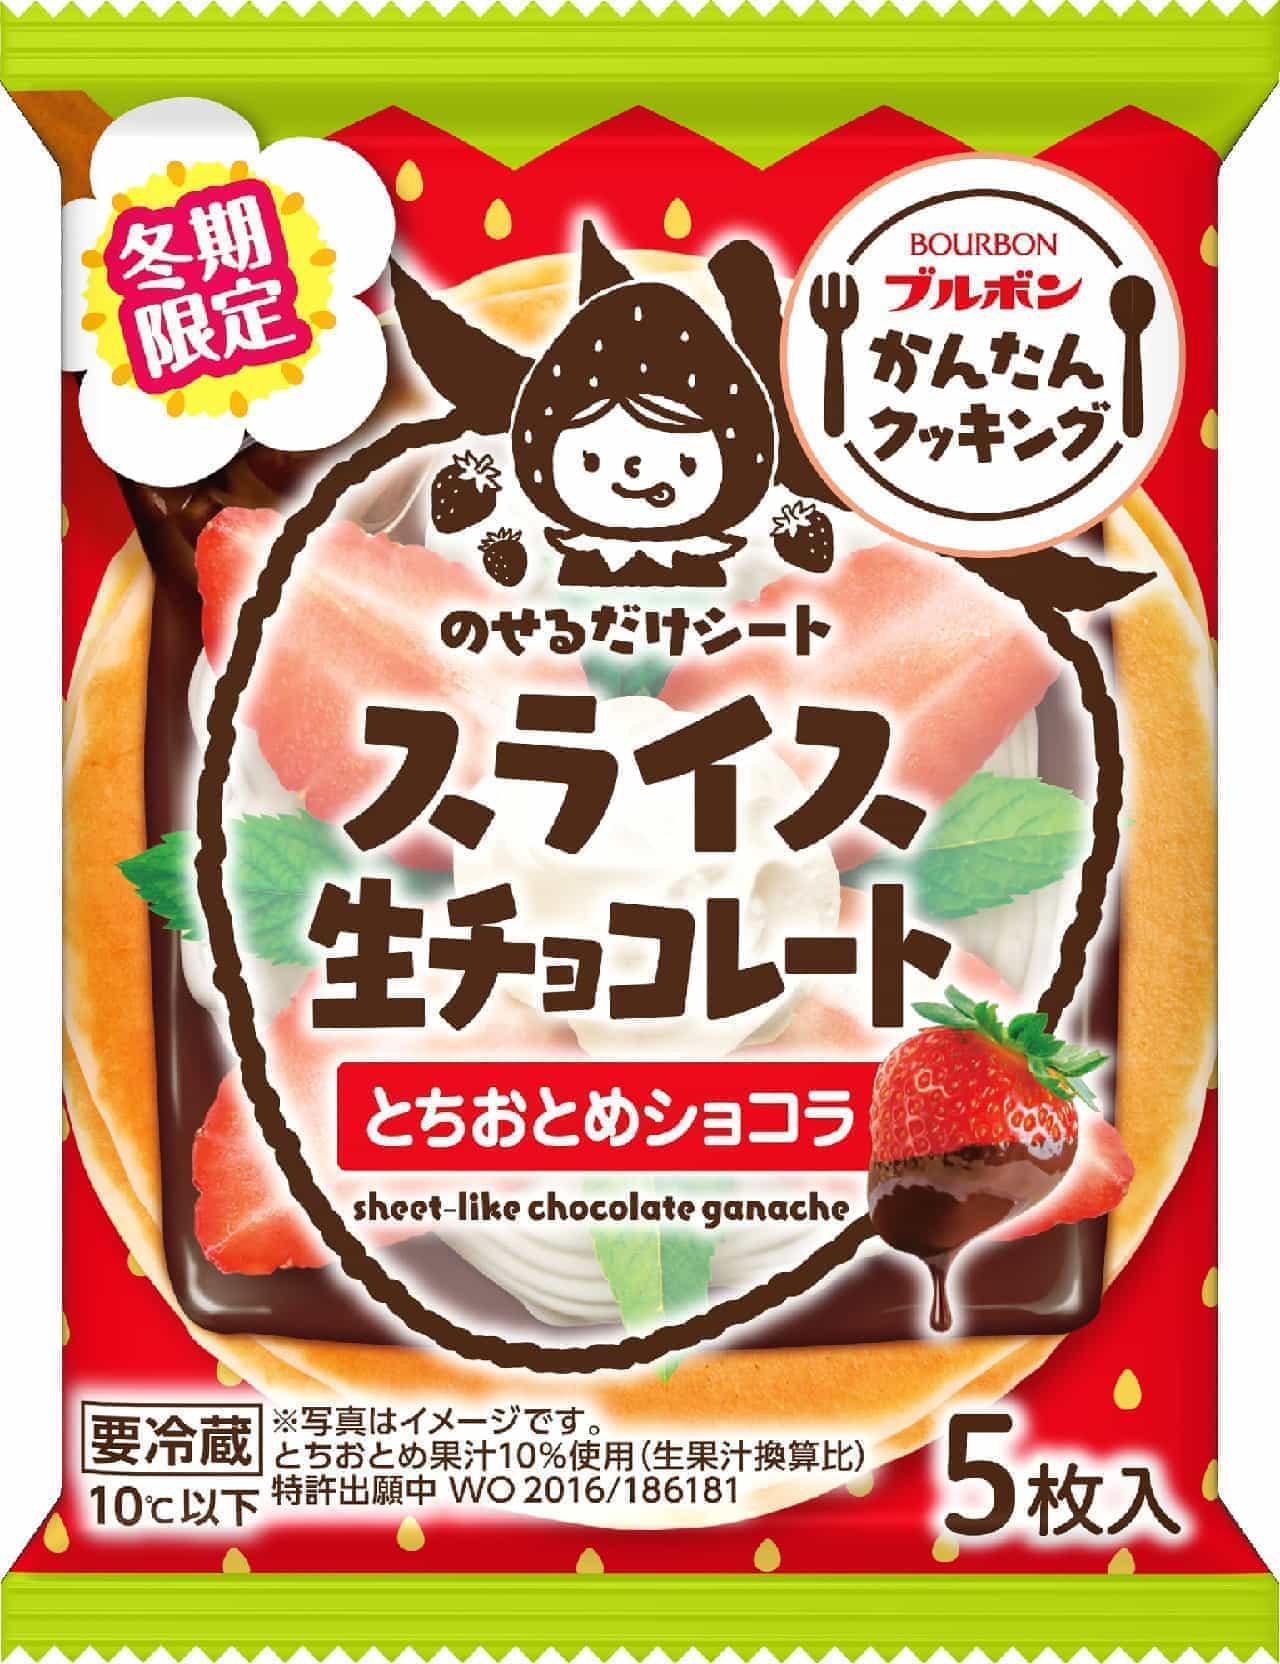 スライス生チョコレートとちおとめショコラ